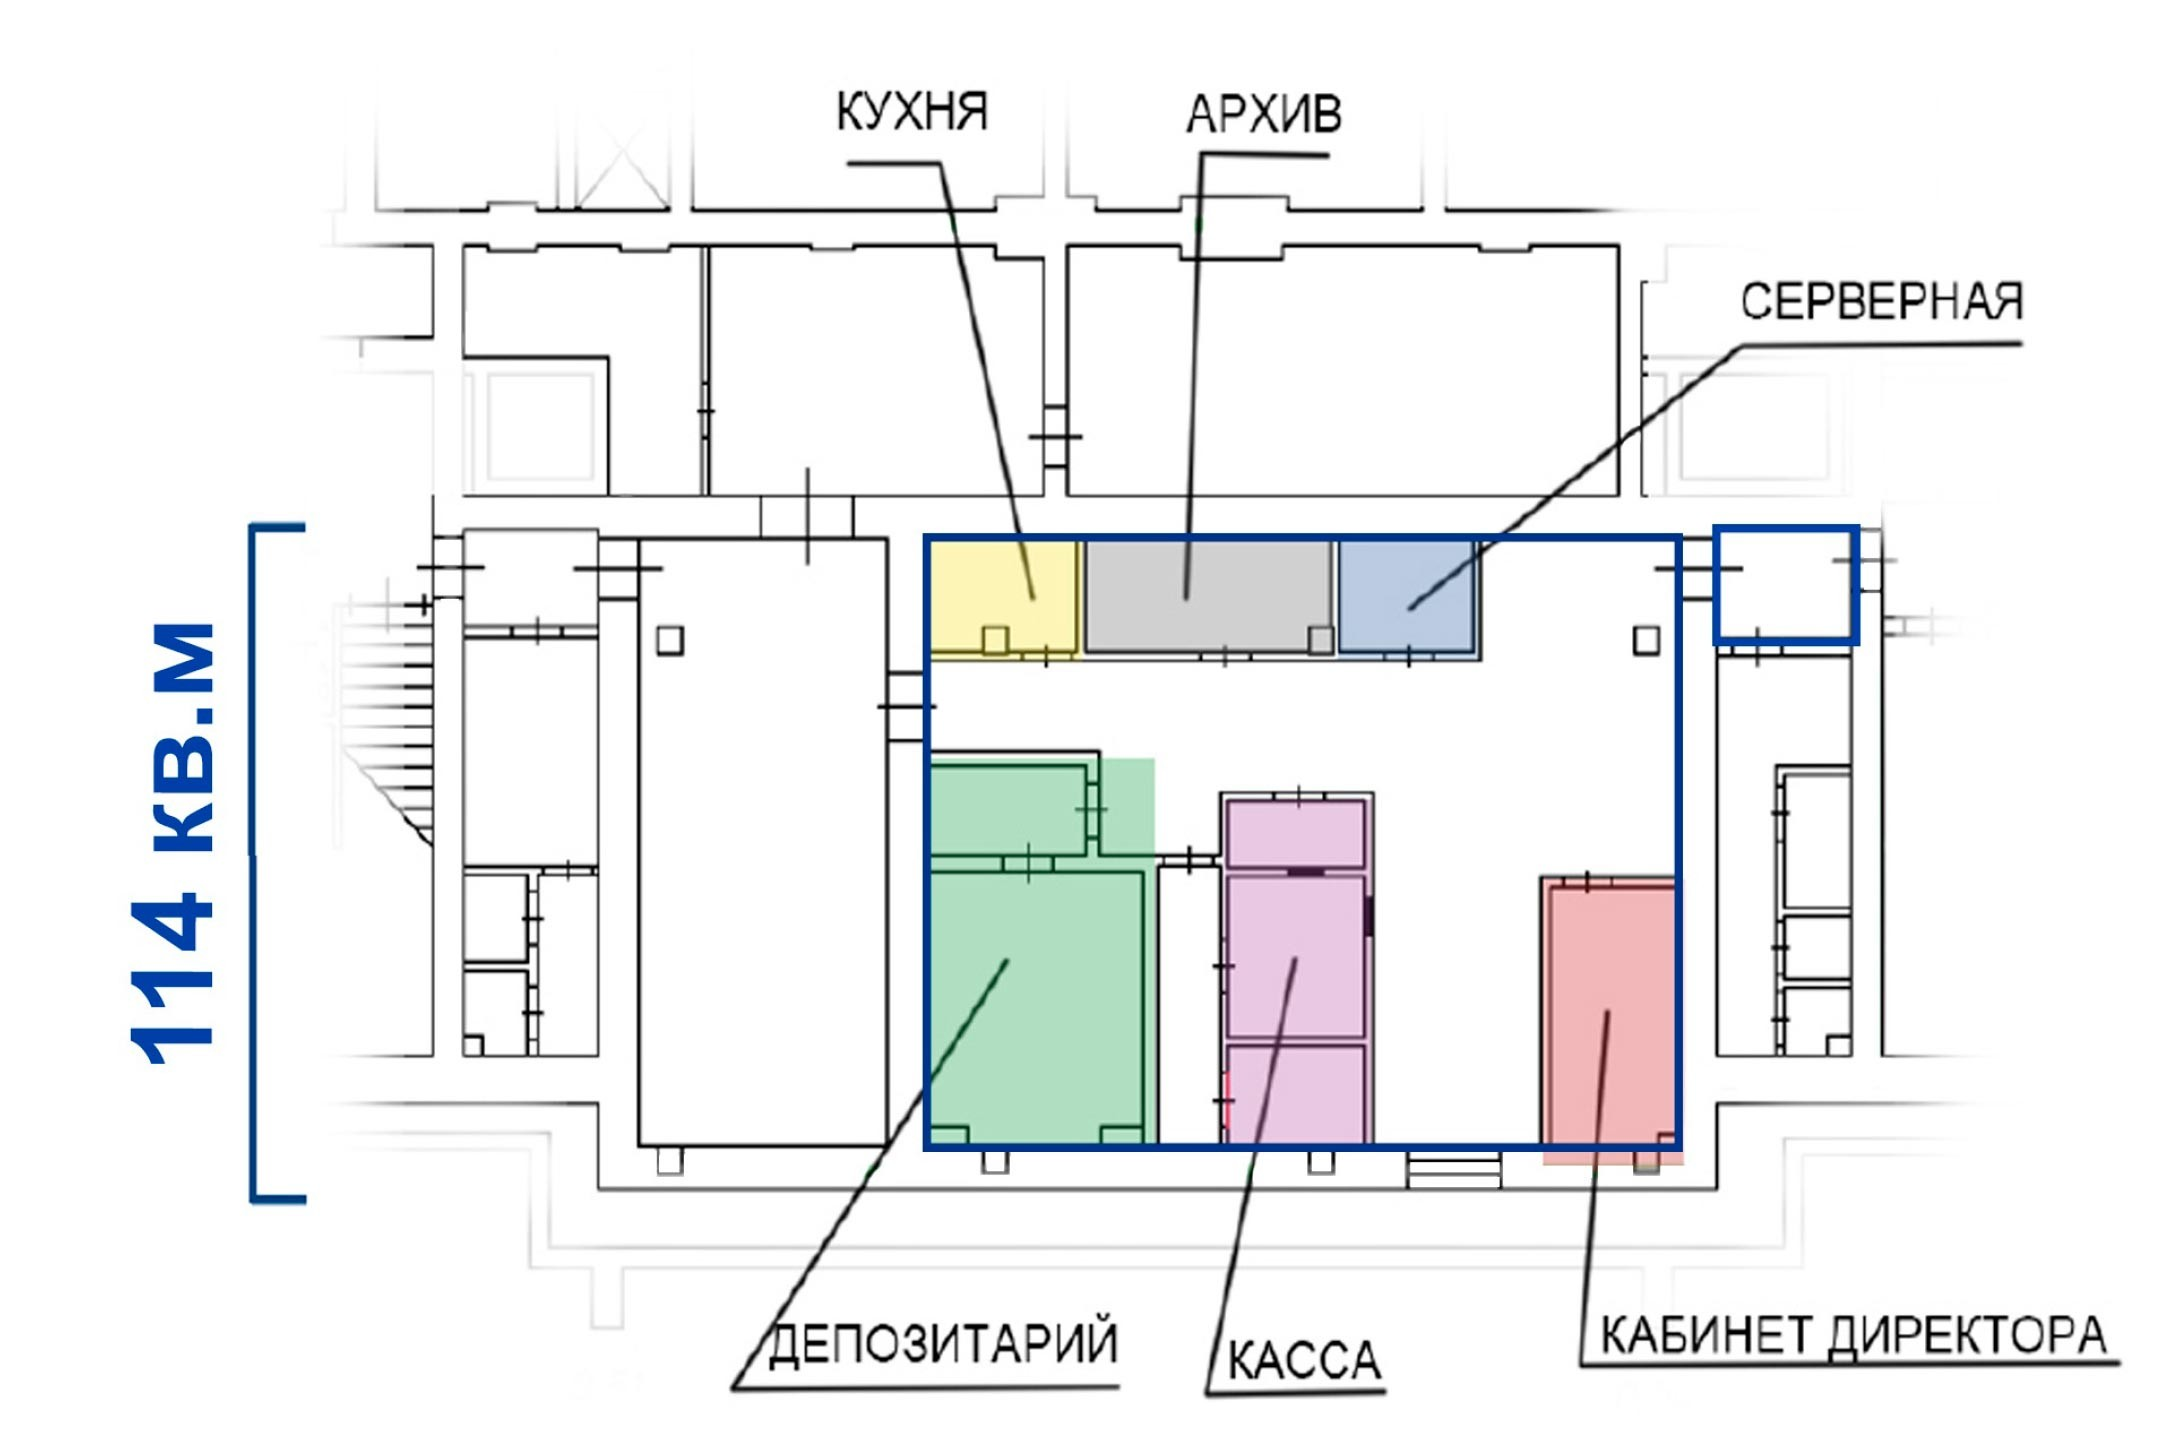 5122 Аренда помещения под банк Средняя Калитниковская улица, 26/27с1,  без комиссии